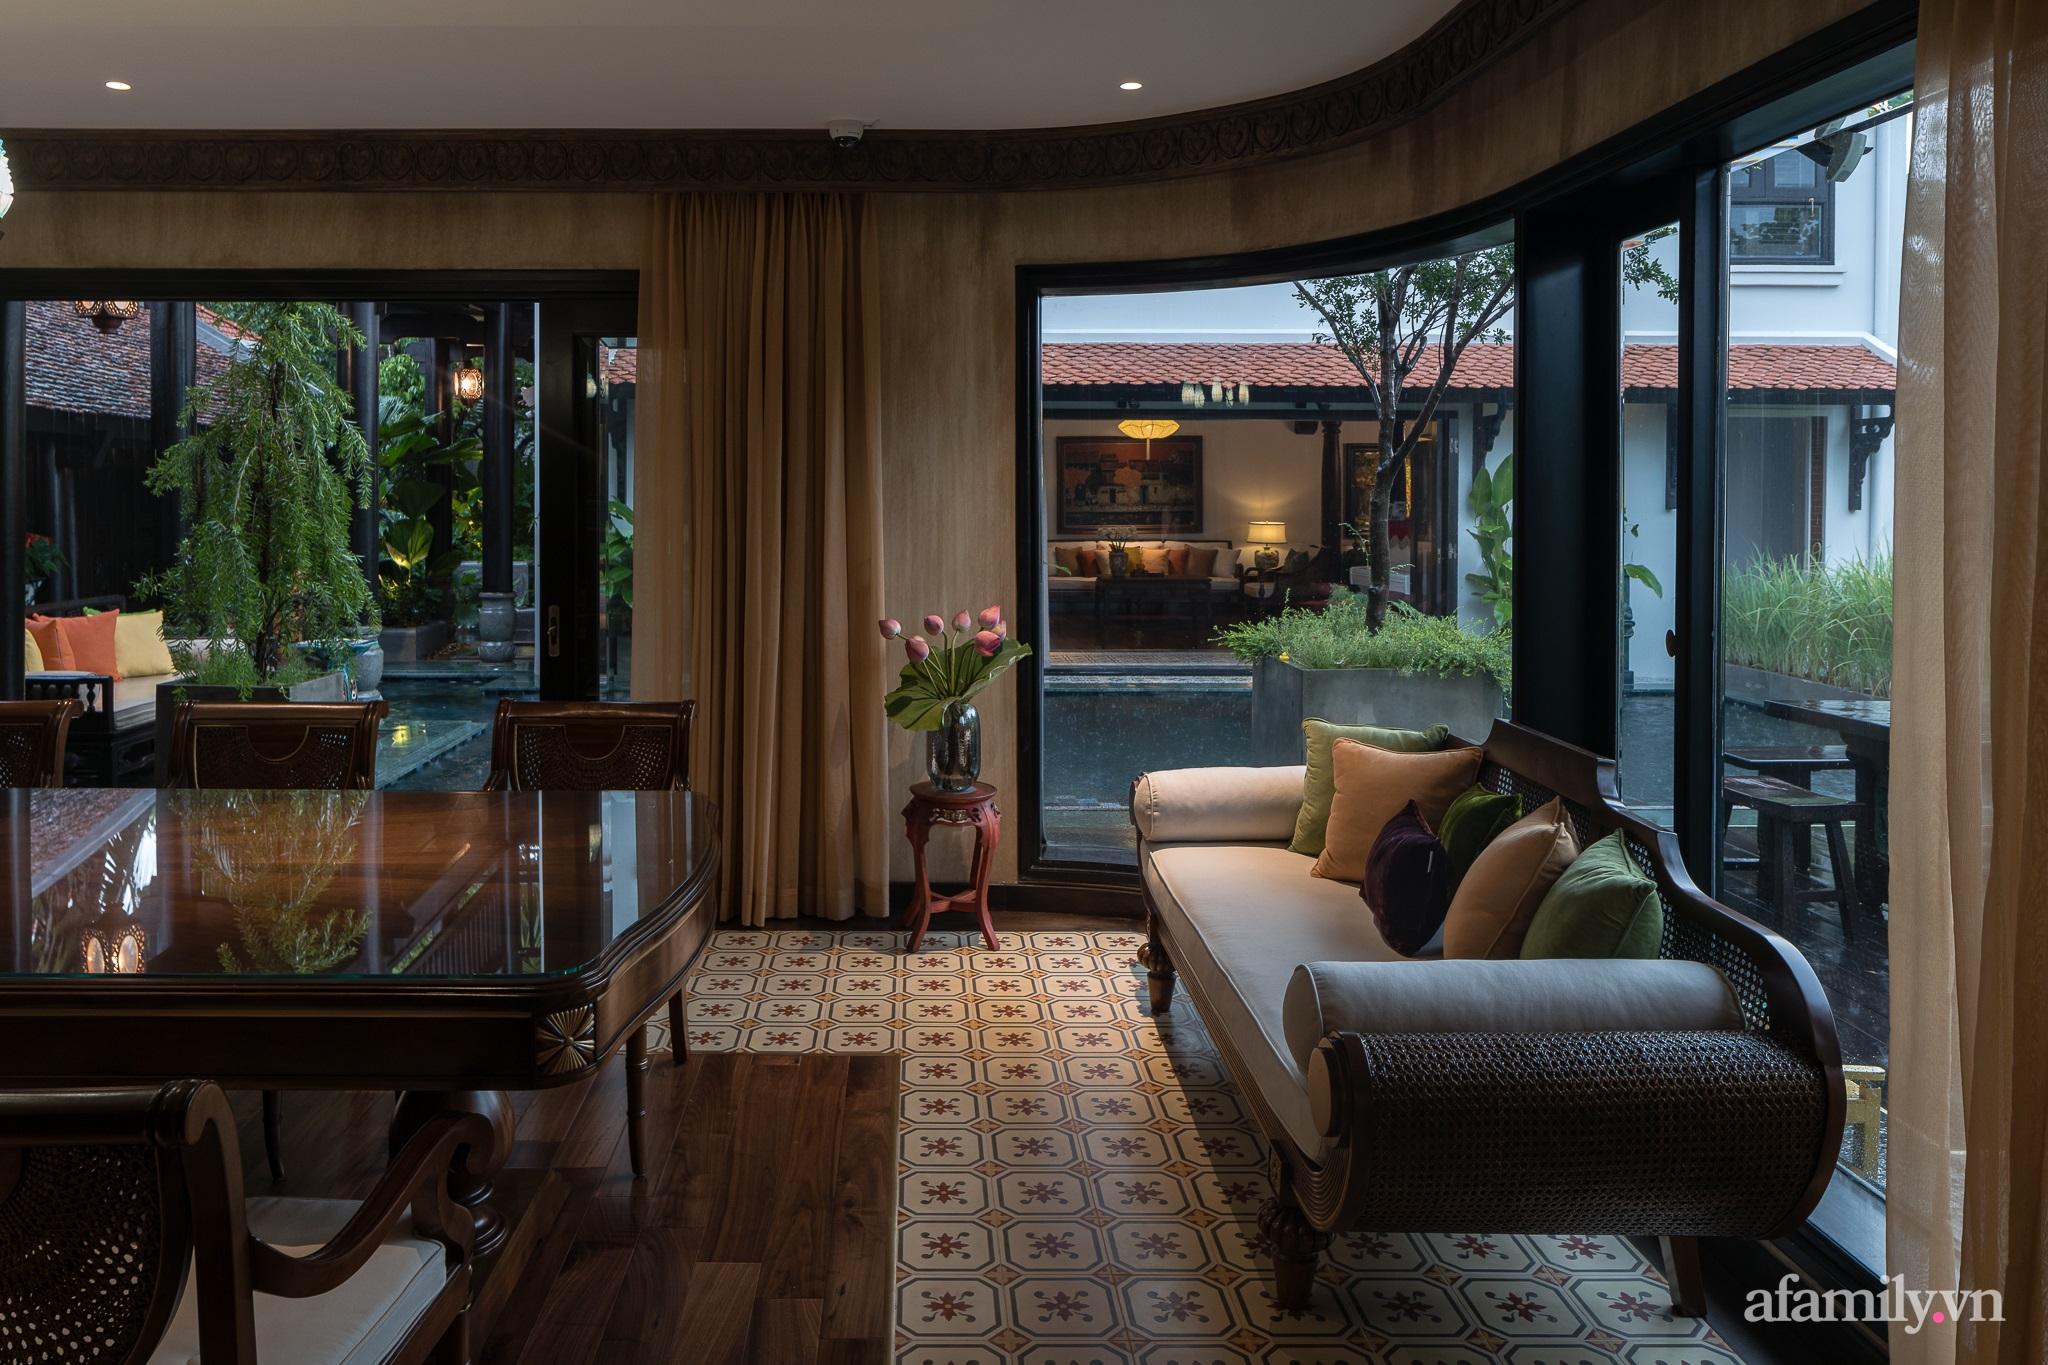 """a 82 1603870687022220145832 - Căn nhà 500m² """"giấu"""" những bình dị an yên của lứa đôi hạnh phúc giữa tấp nập phố phường ở Quận 2, Sài Gòn"""